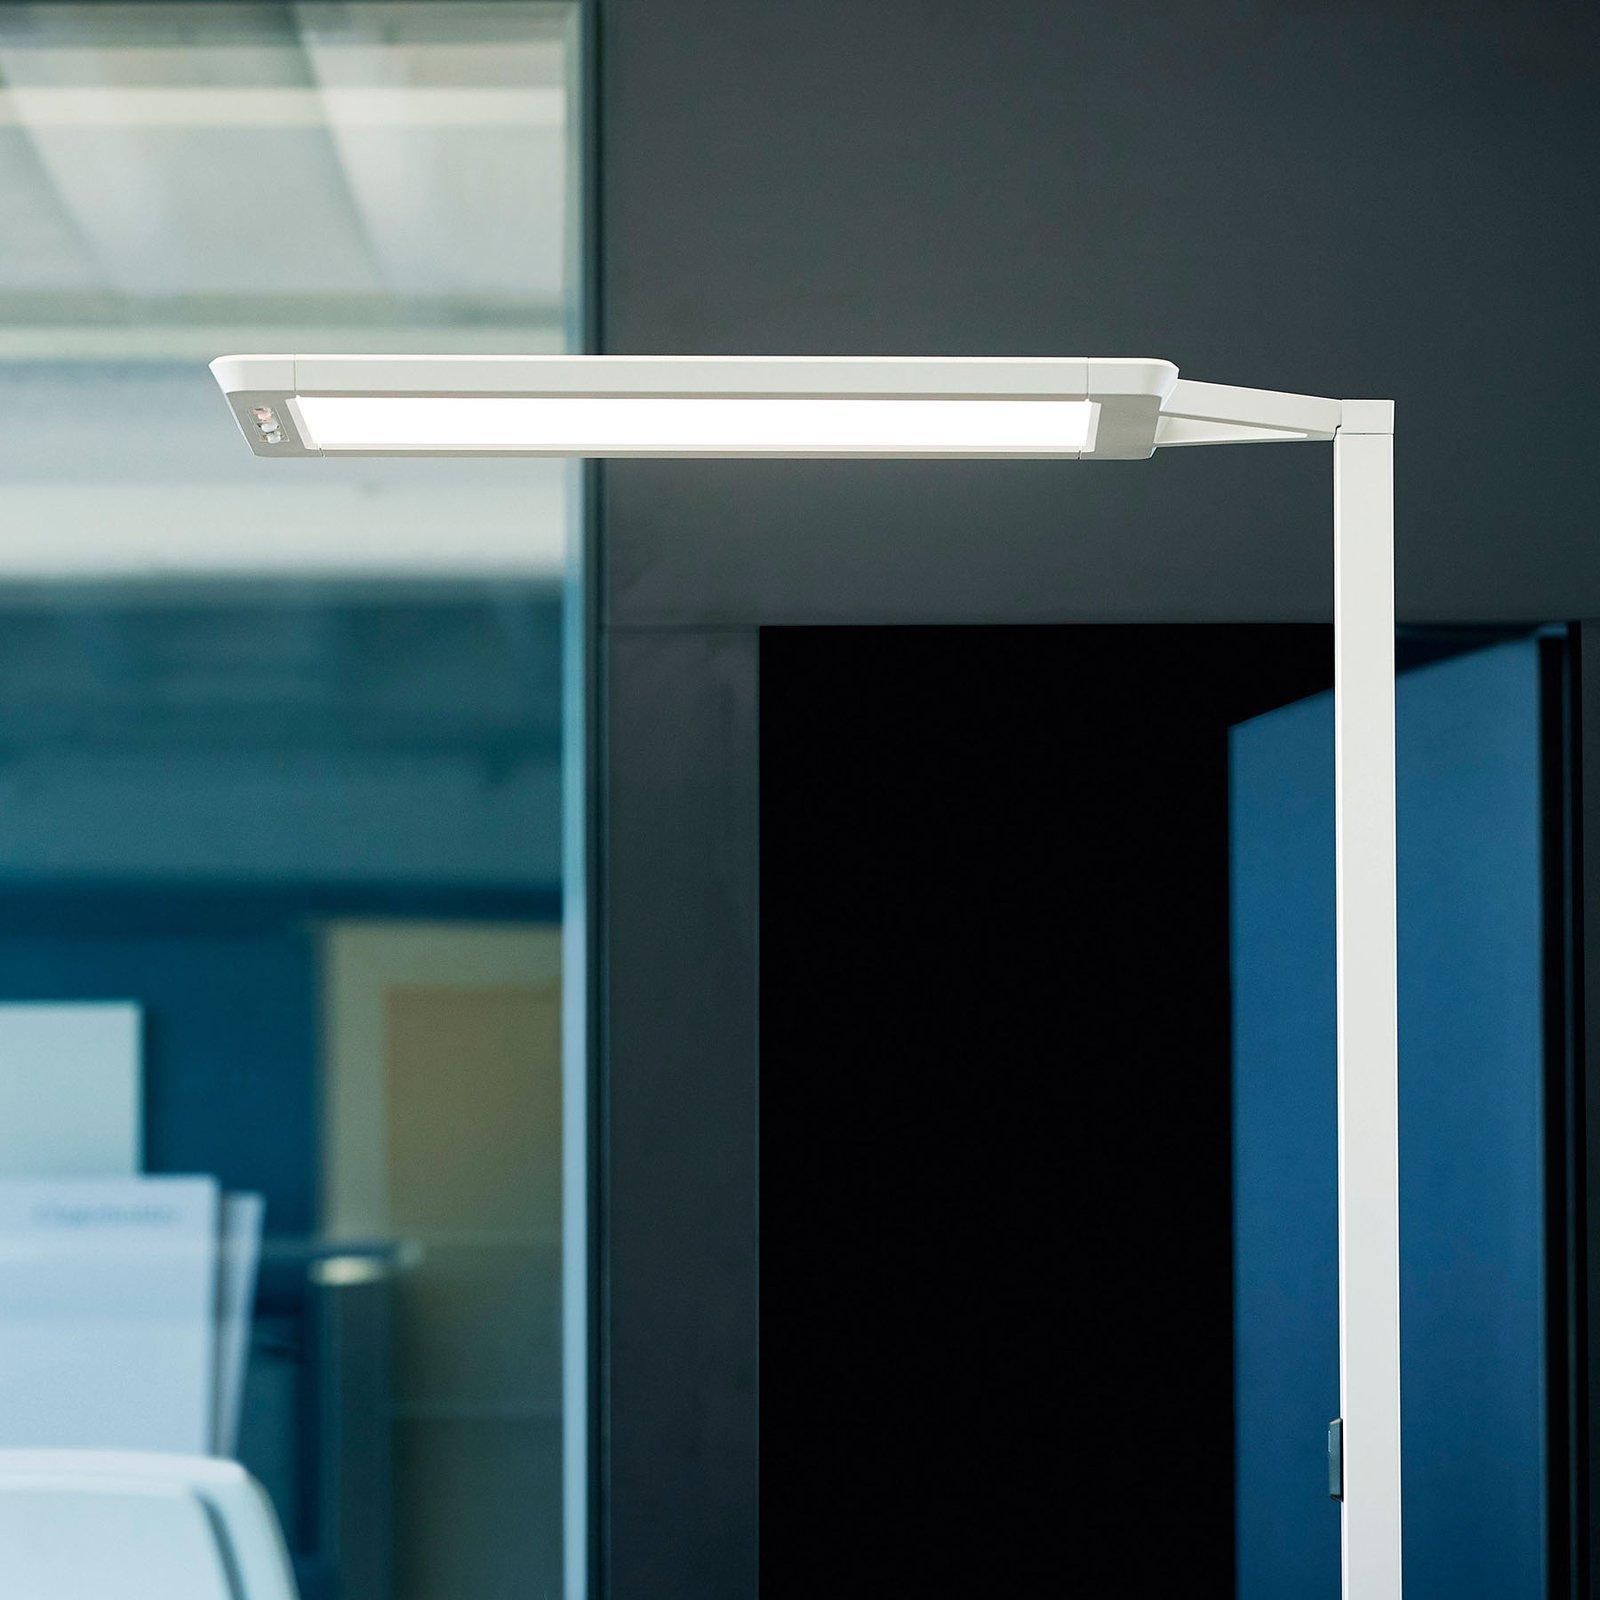 LED-gulvlampe Yara.single 4 000 K, BT, PIR, sølv